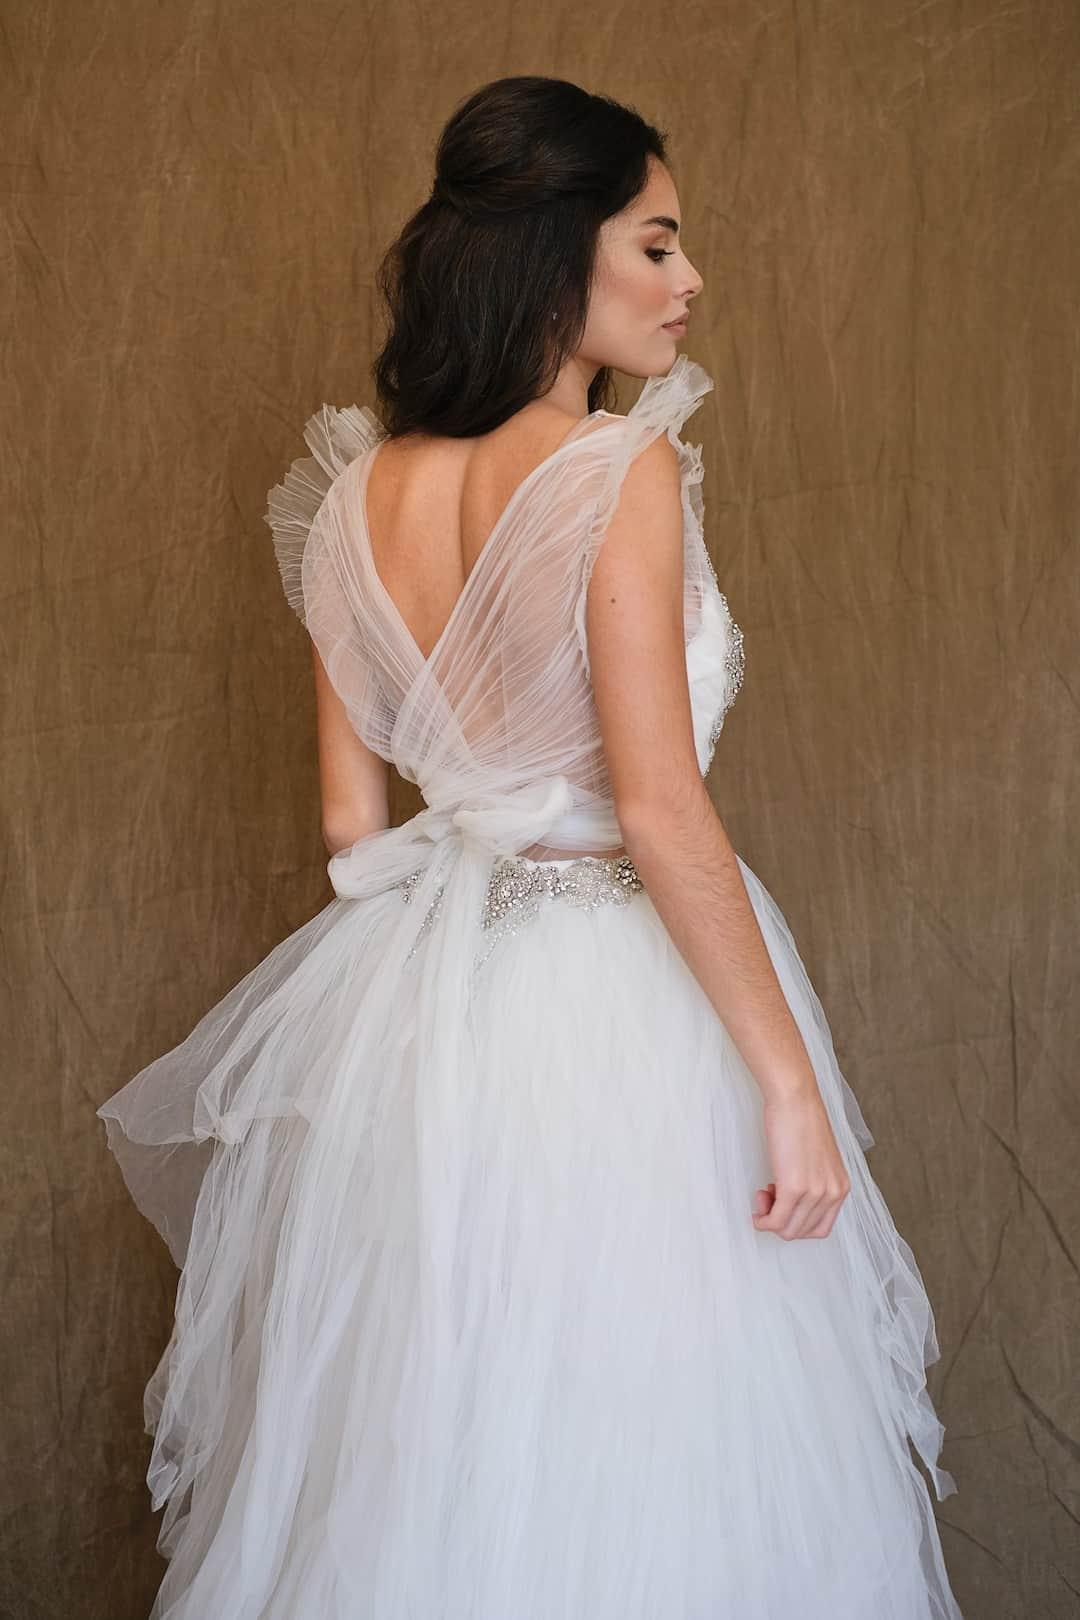 Romantisches Hochzeitskleid - Marco&Maria - 14-1031-back